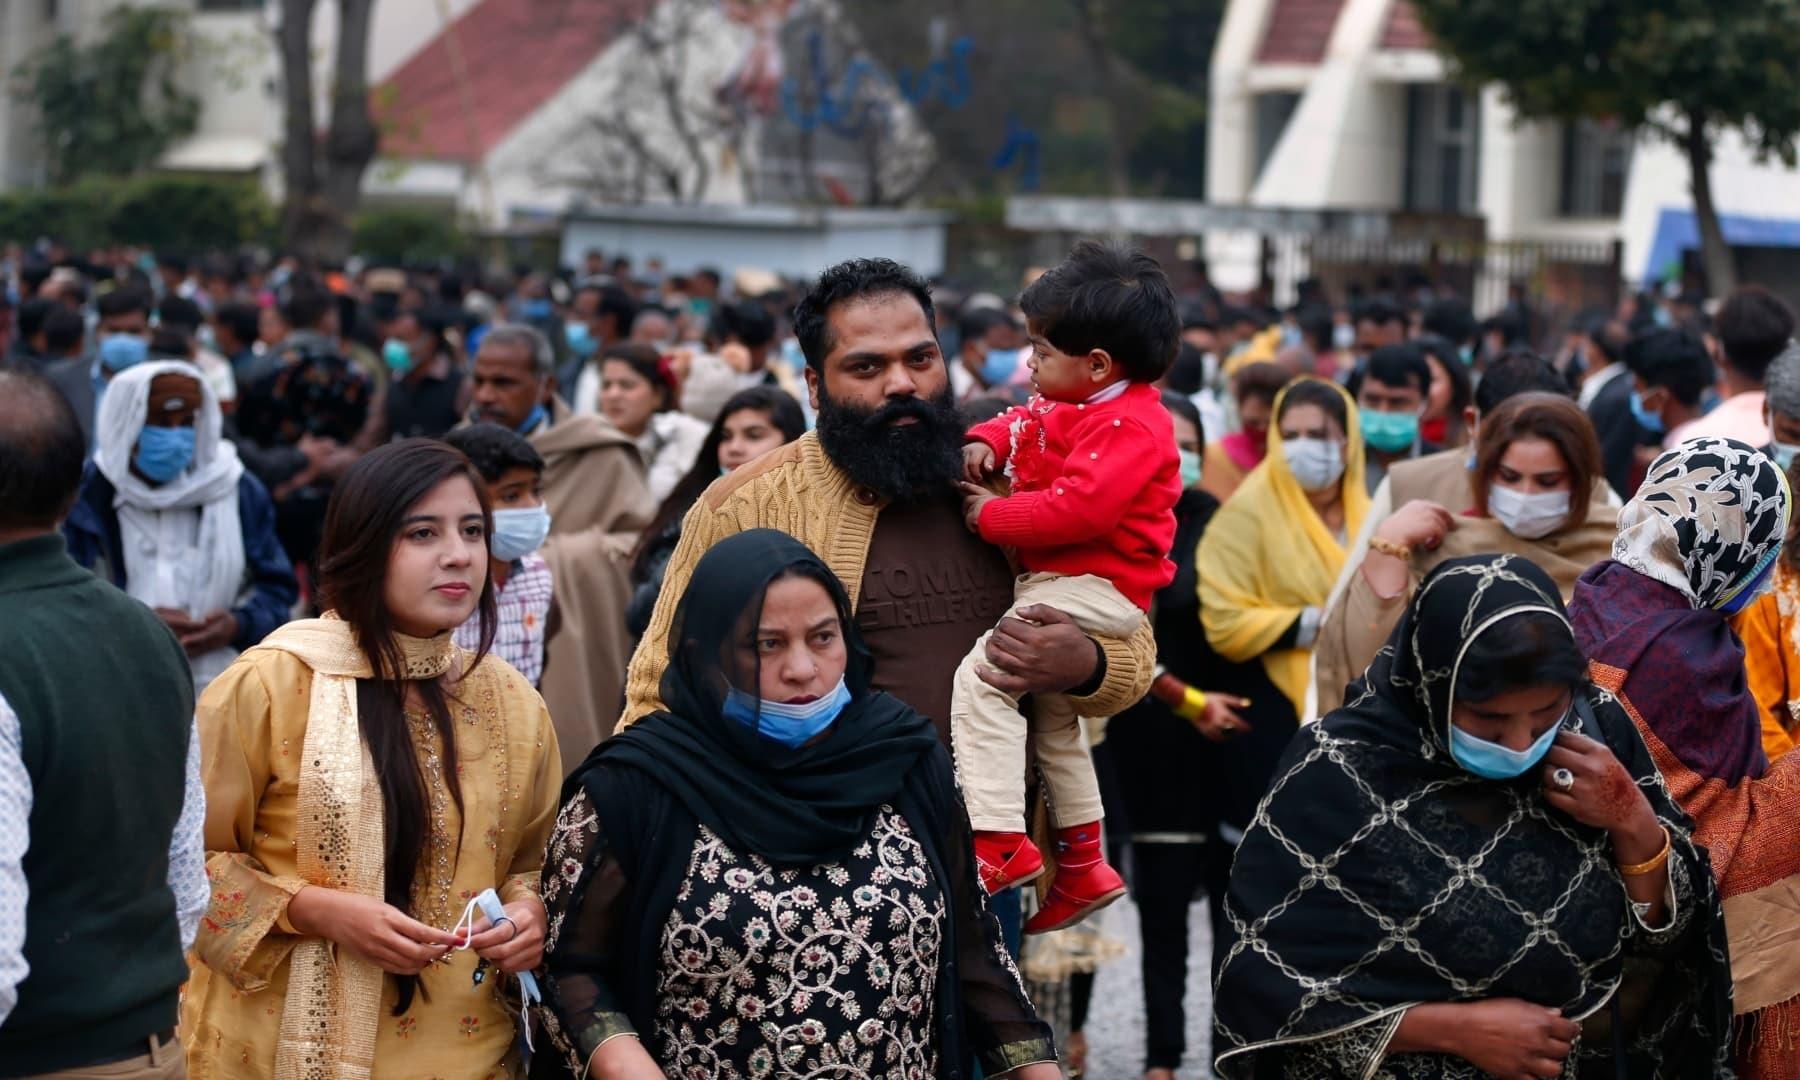 اسلام آباد میں لوگ مذہبی رسومات کی ادائیگی کے بعد واپس روانہ ہو رہے ہیں —فوٹو: اے پی